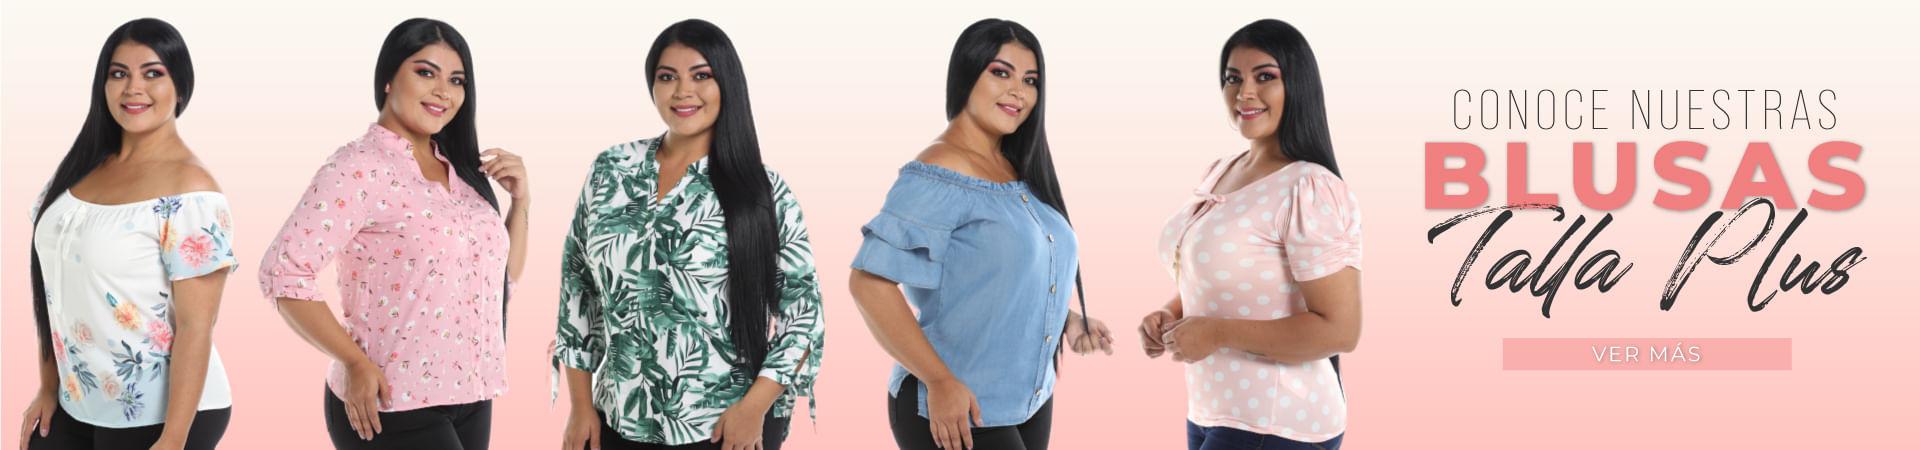 blusas talla grande para dama, tallas plus, todos los estilos